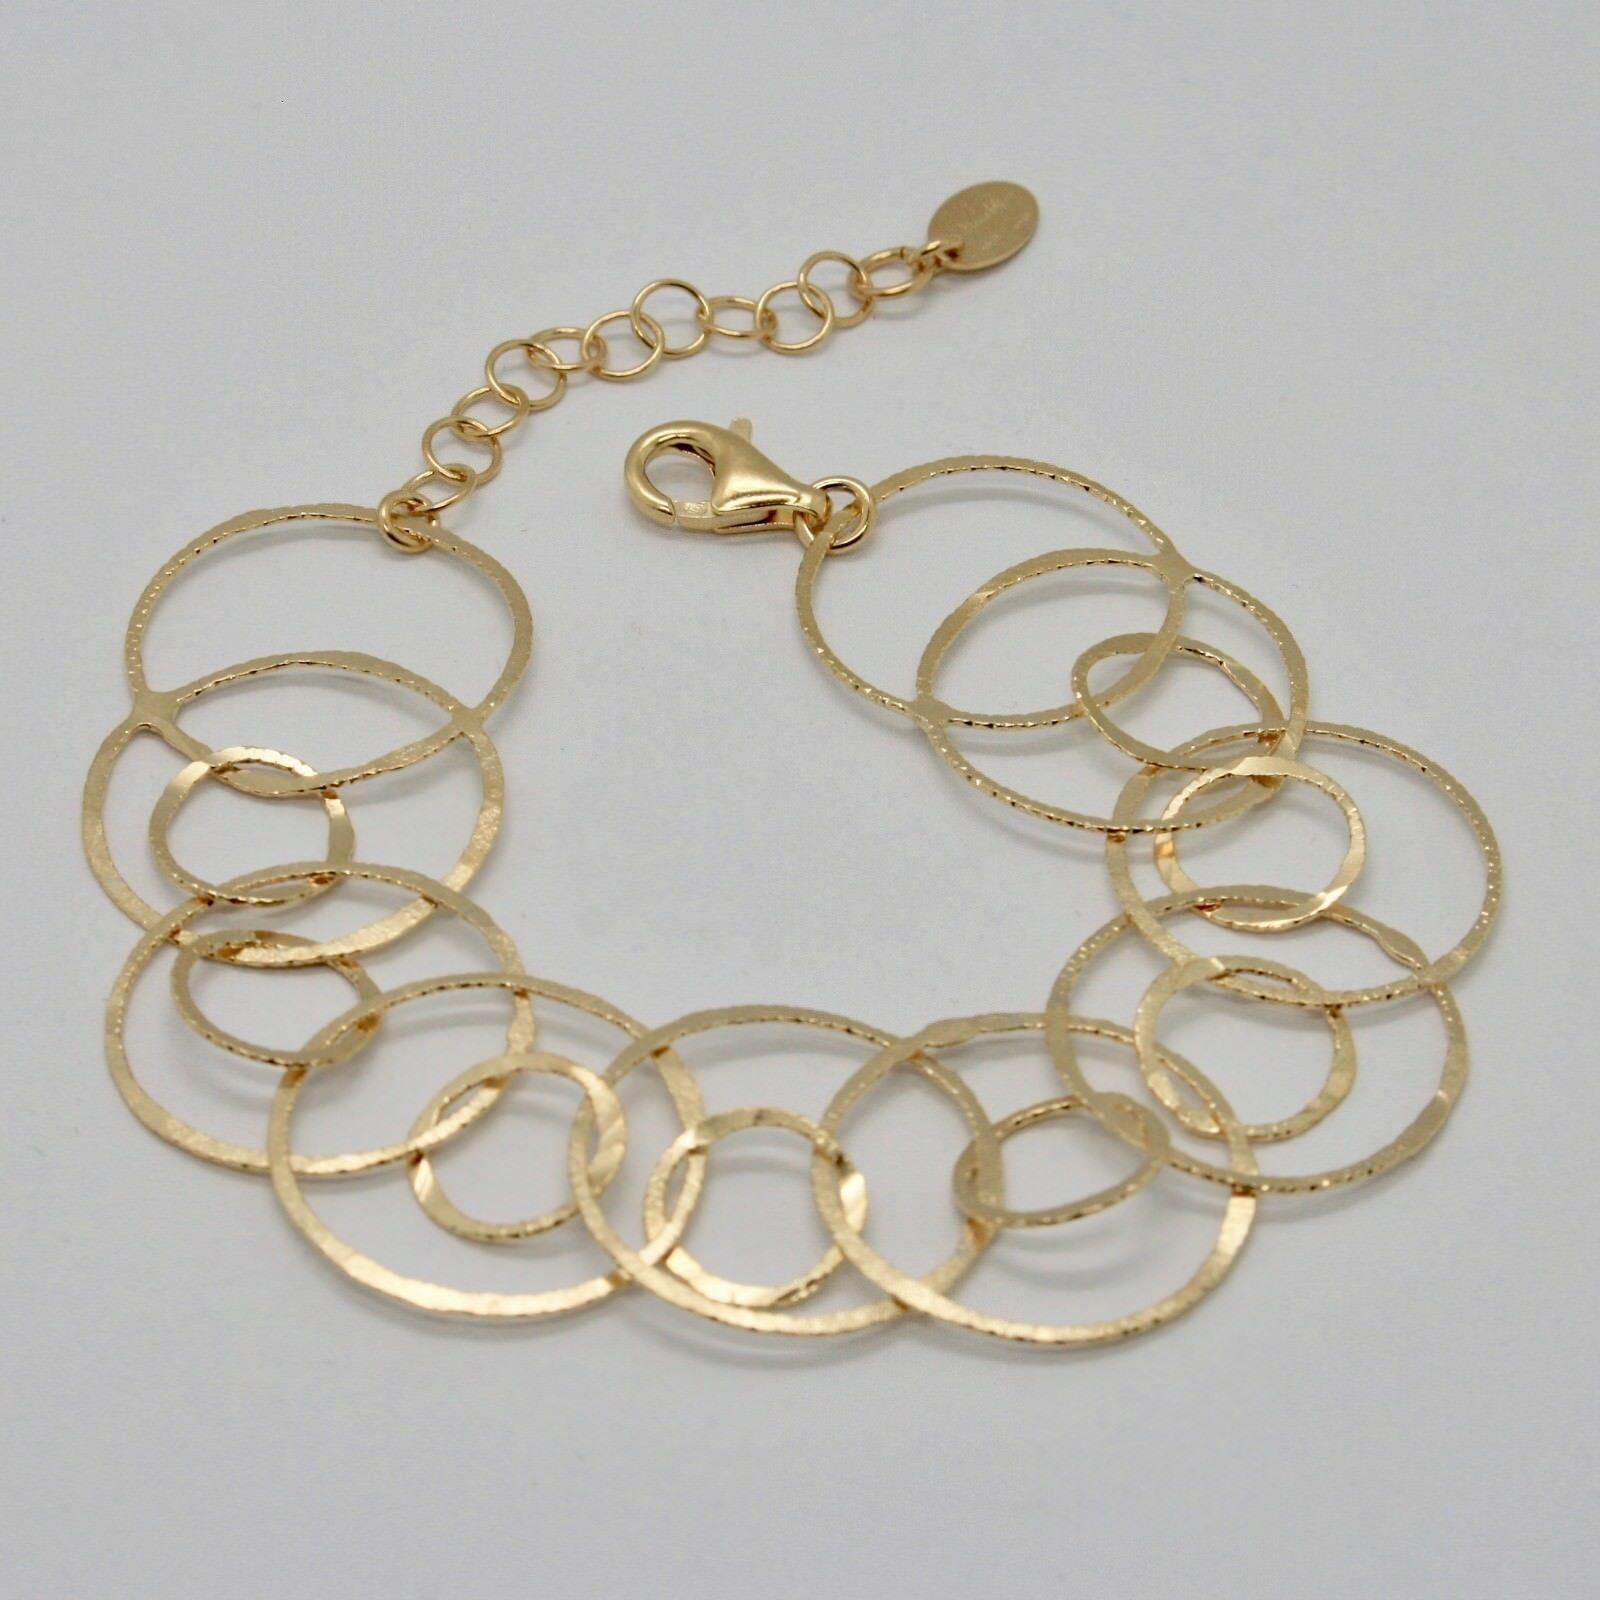 Bracelet en Argent 925 Feuille or Jantes Ngénierie By Maria Ielpo Fabriqué